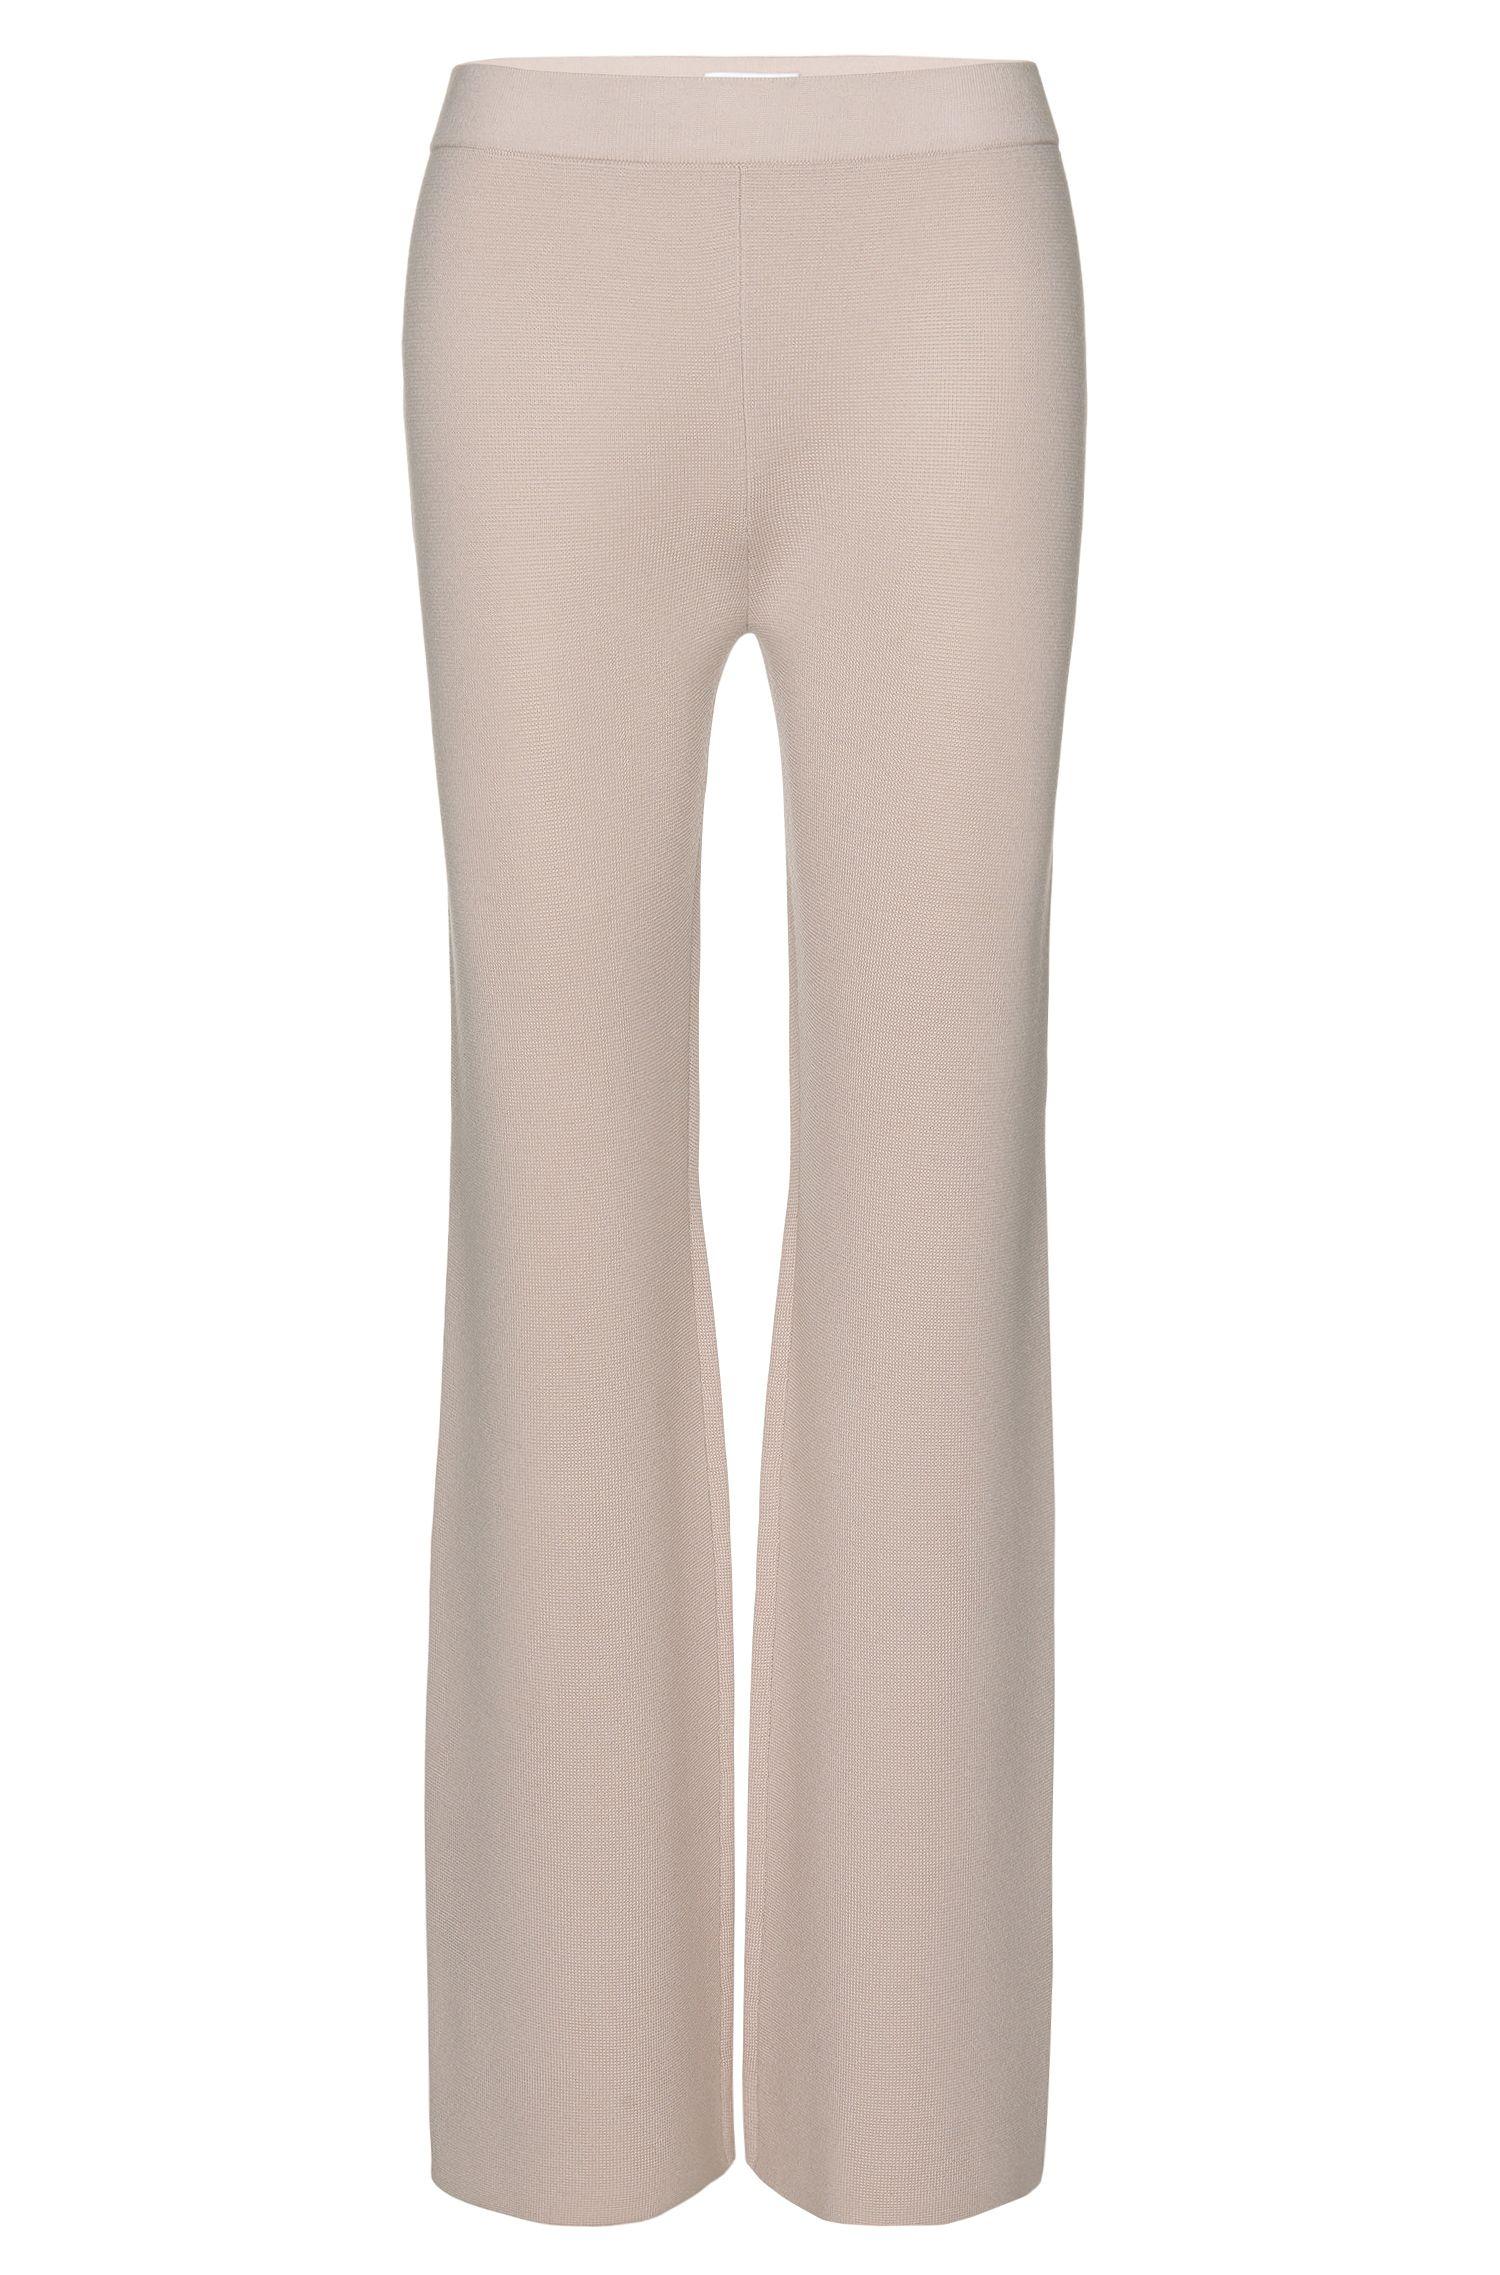 Mercerized Virgin Wool Knit Pant | Falali, Light Beige